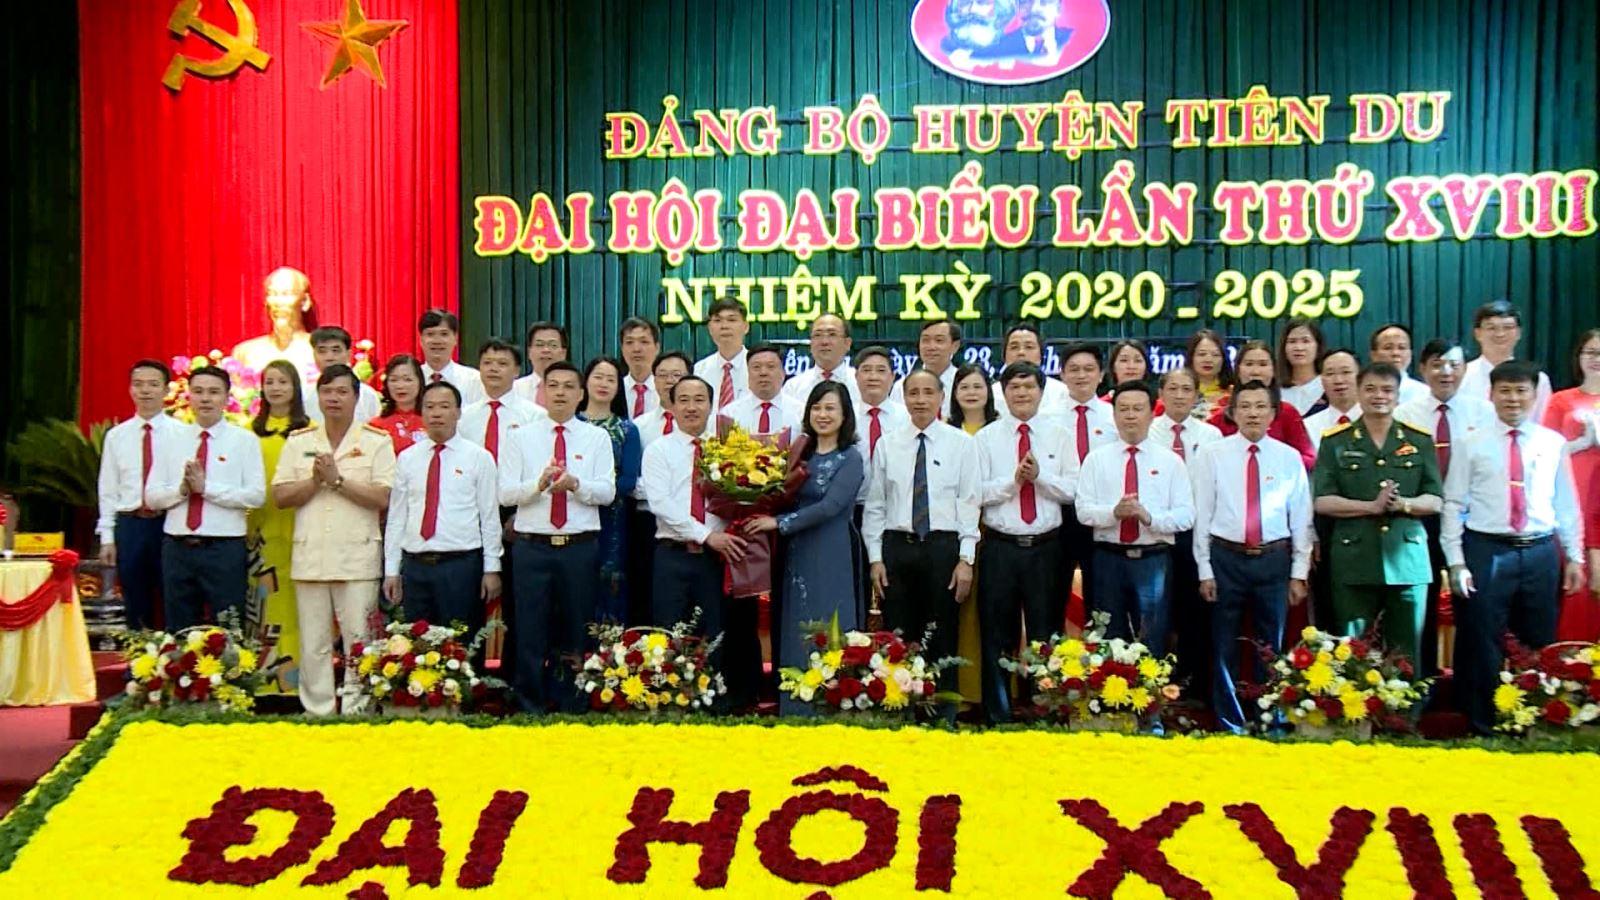 Đại hội đại biểu Đảng bộ huyện Tiên Du lần thứ XVIII, nhiệm kỳ 2020 – 2025